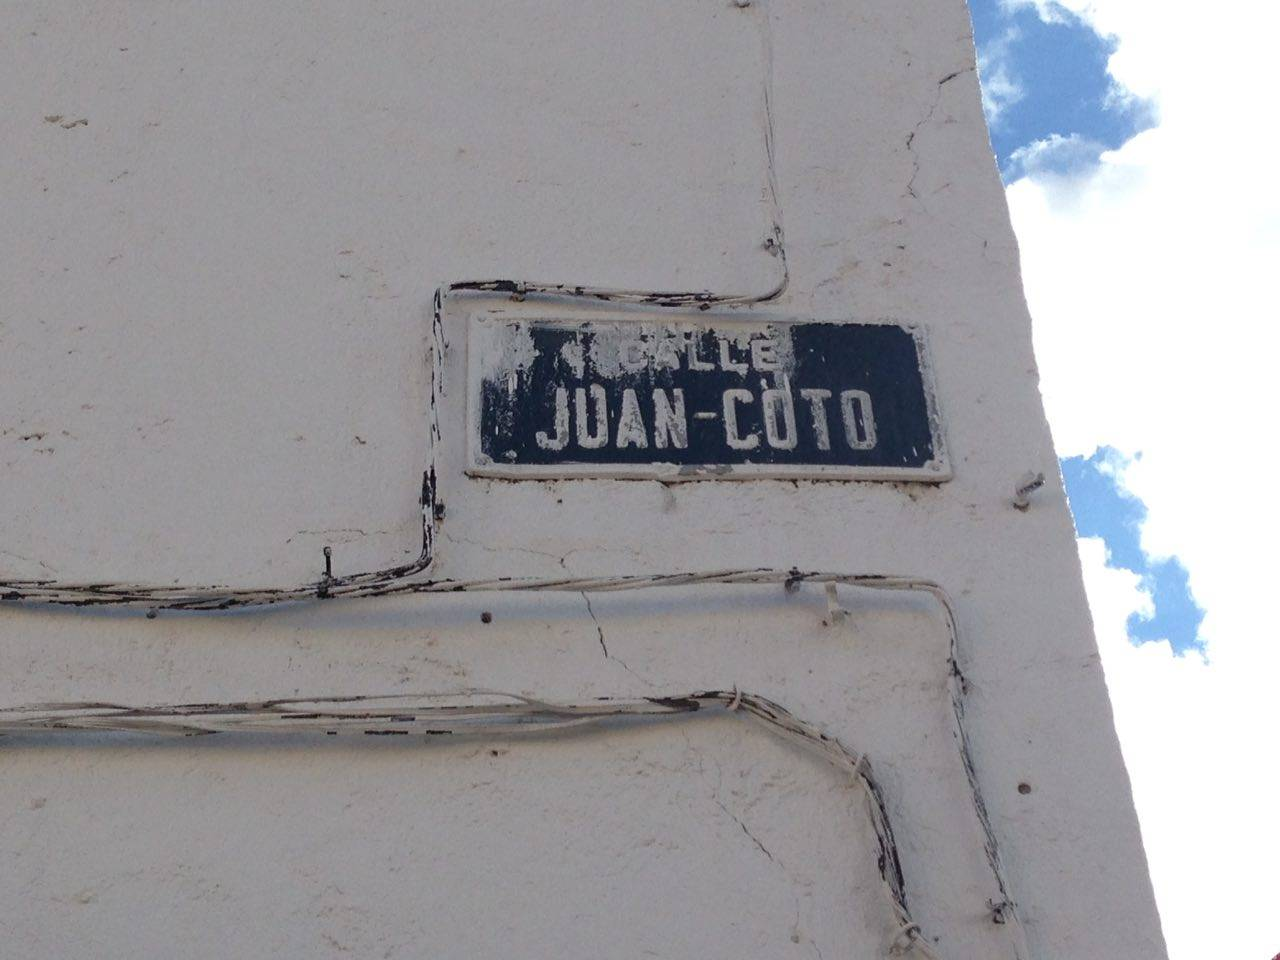 Las calles de Herencia. La calle Juan Coto 11